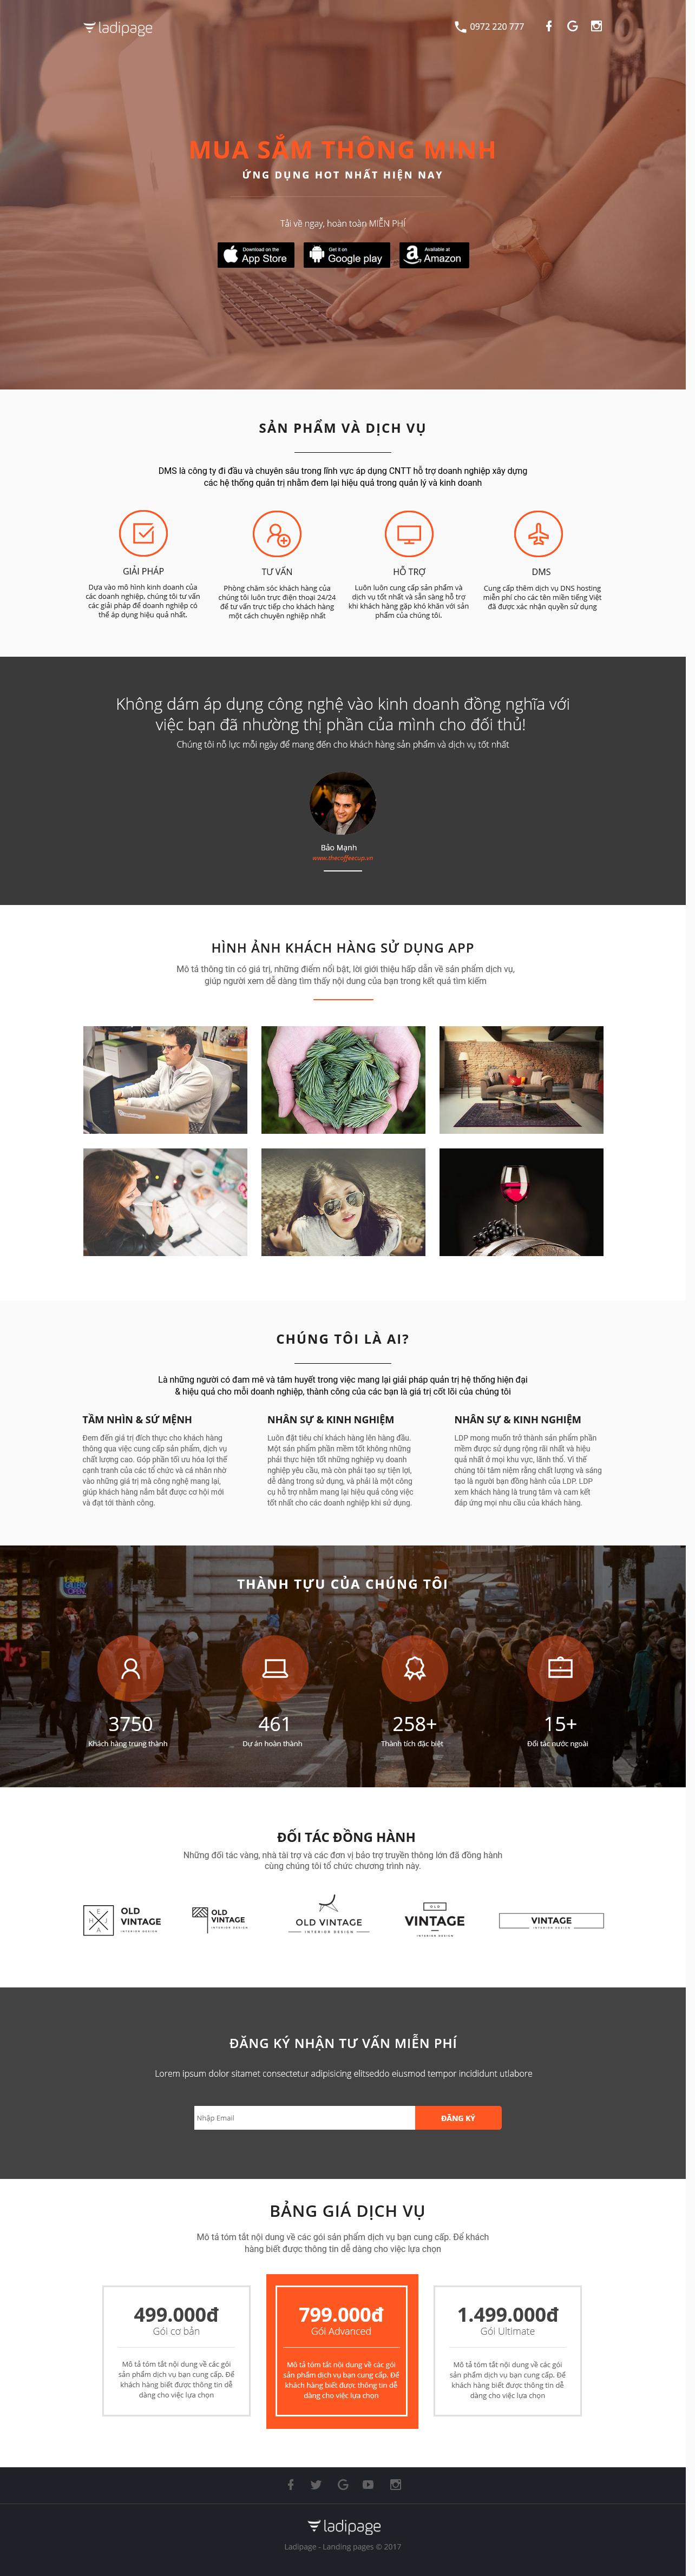 Thiết kế website Thiết kế webiste landingpage phan-mem---game---app Công nghệ viễn thông 01